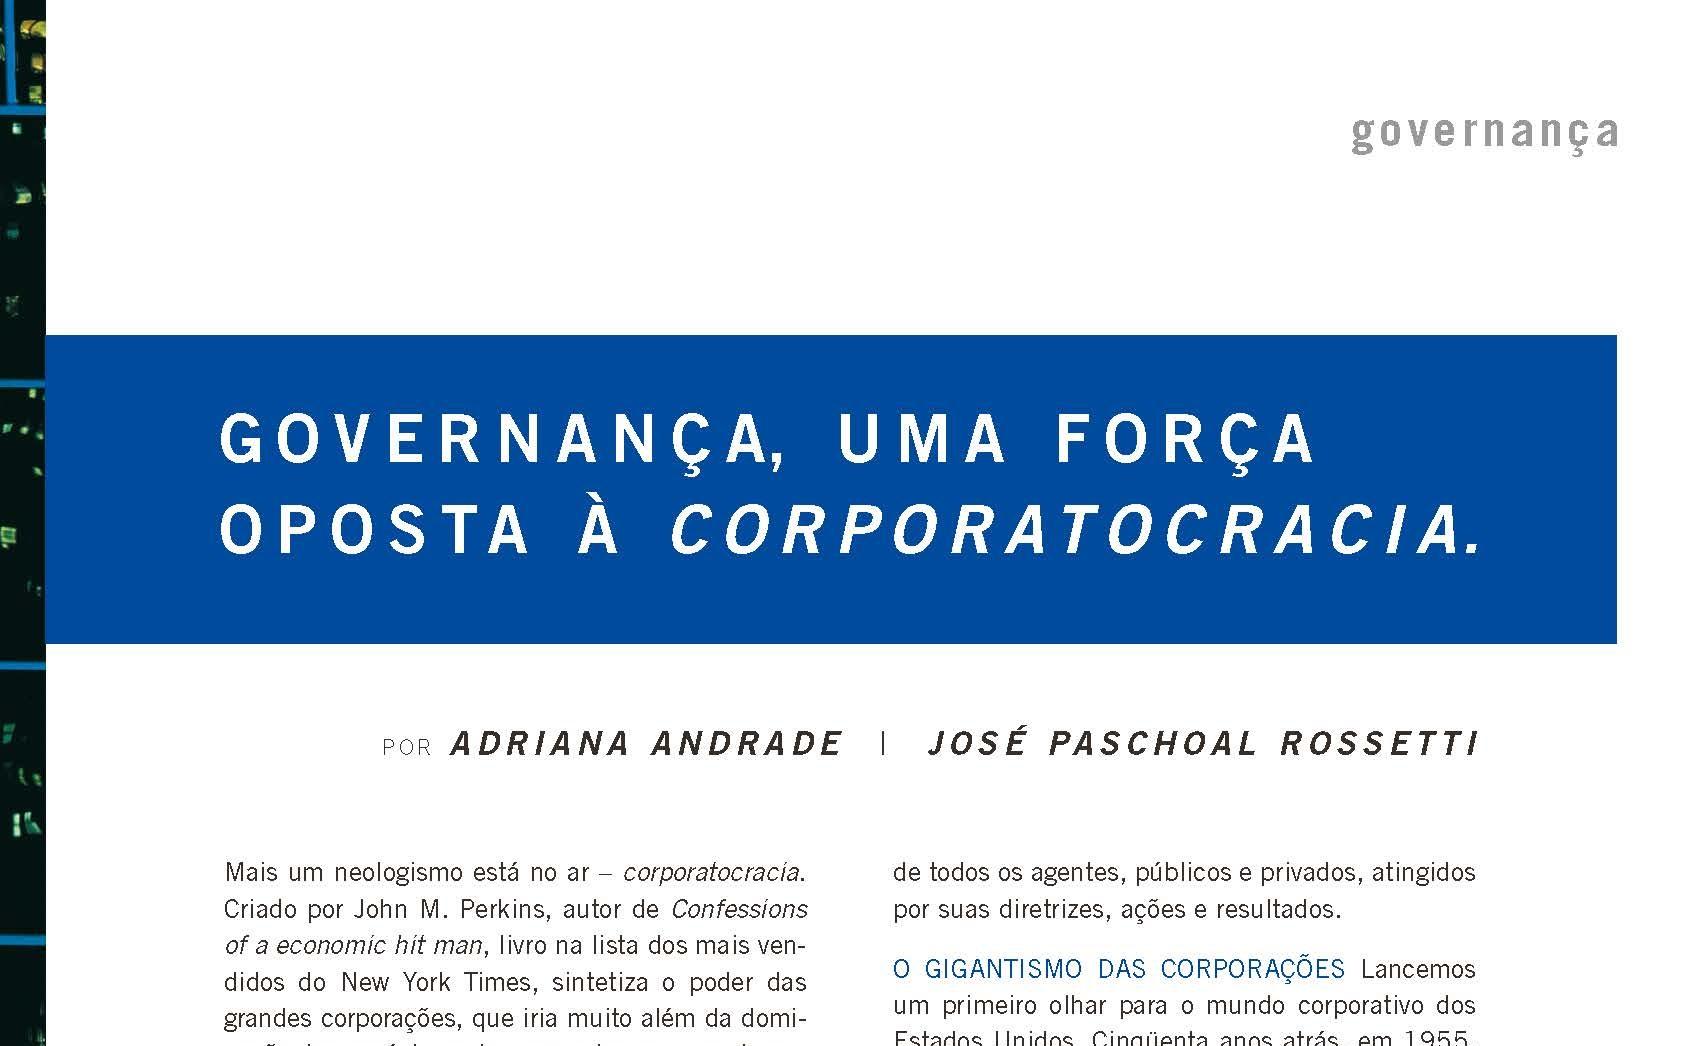 Governança, uma força oposta à corporatocracia